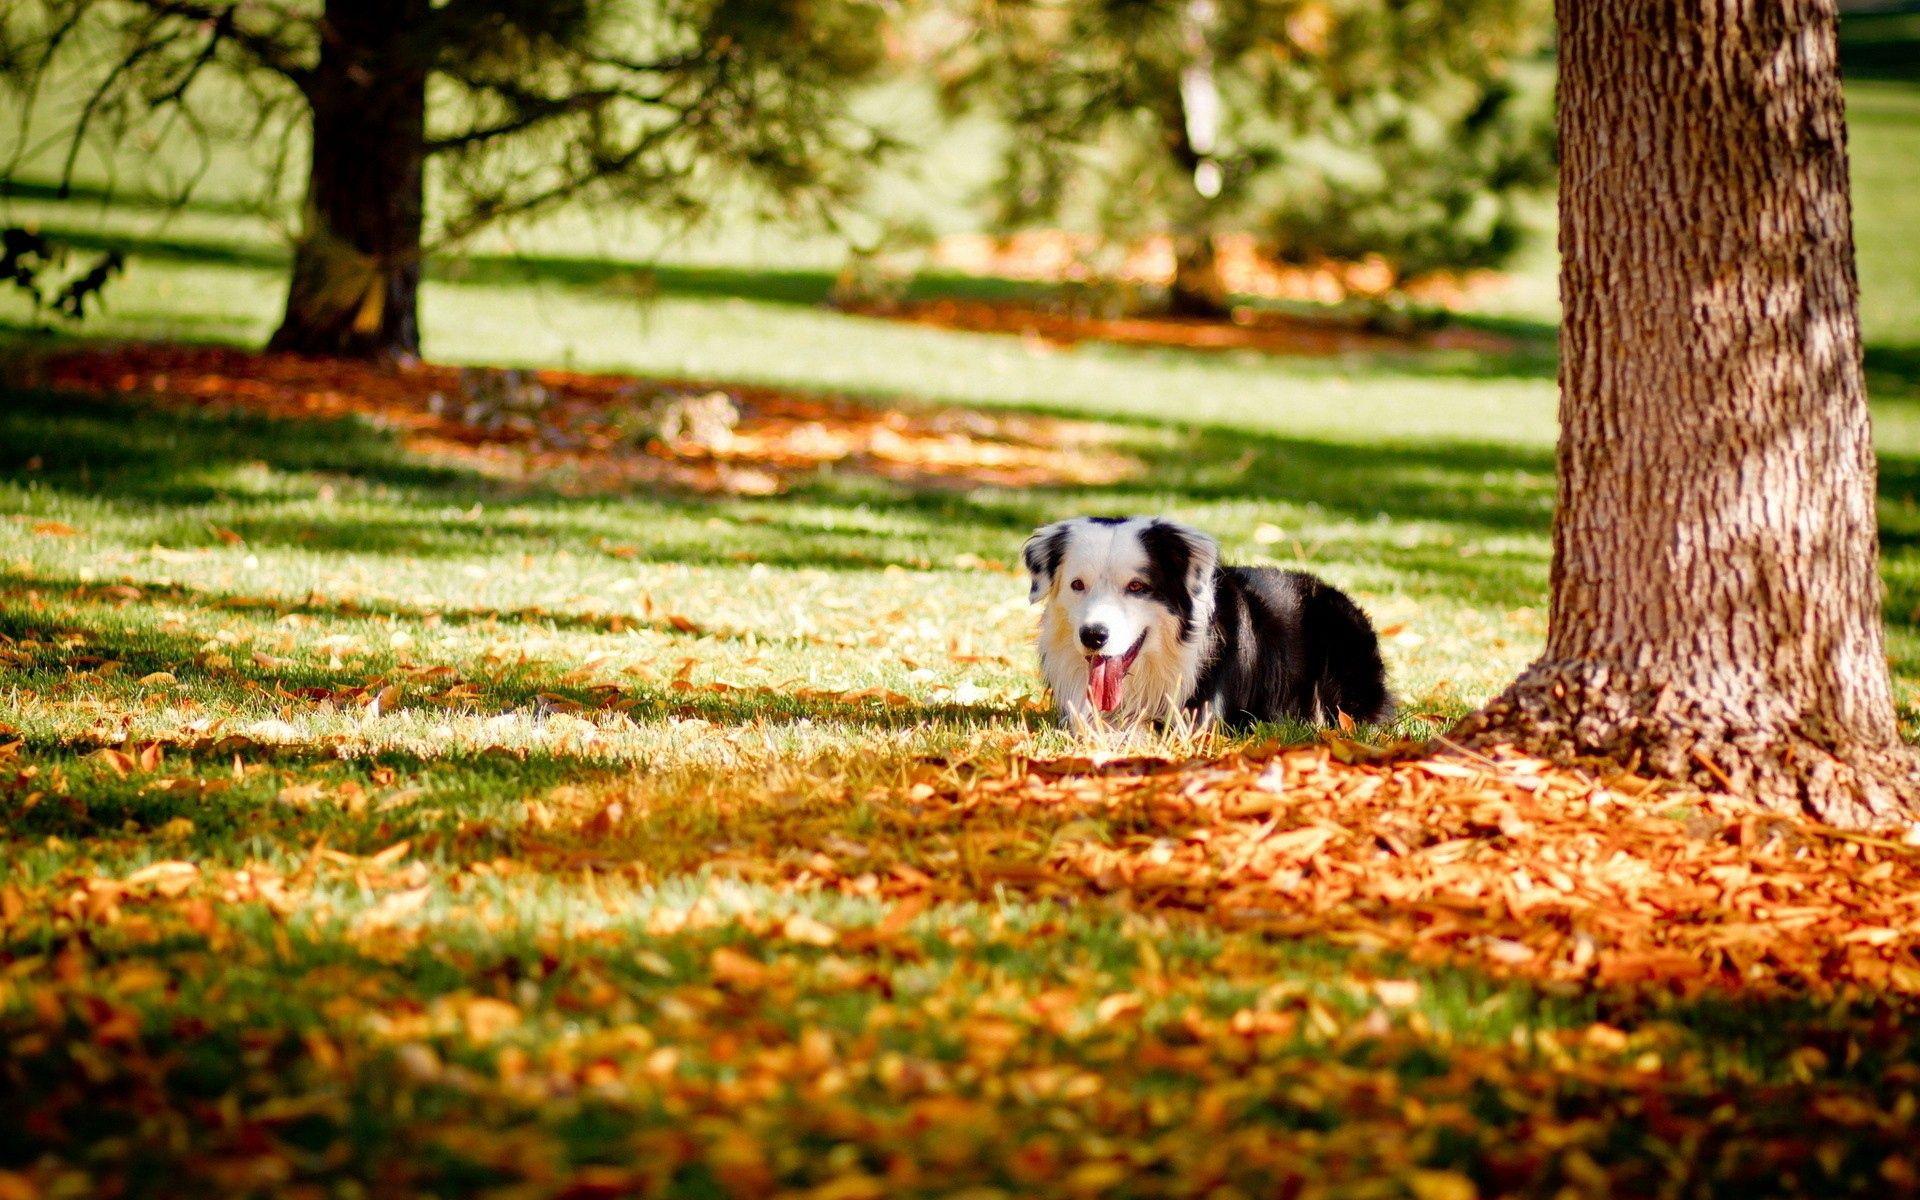 132761 скачать обои Животные, Собака, Трава, Дерево, Осень, Прятаться - заставки и картинки бесплатно